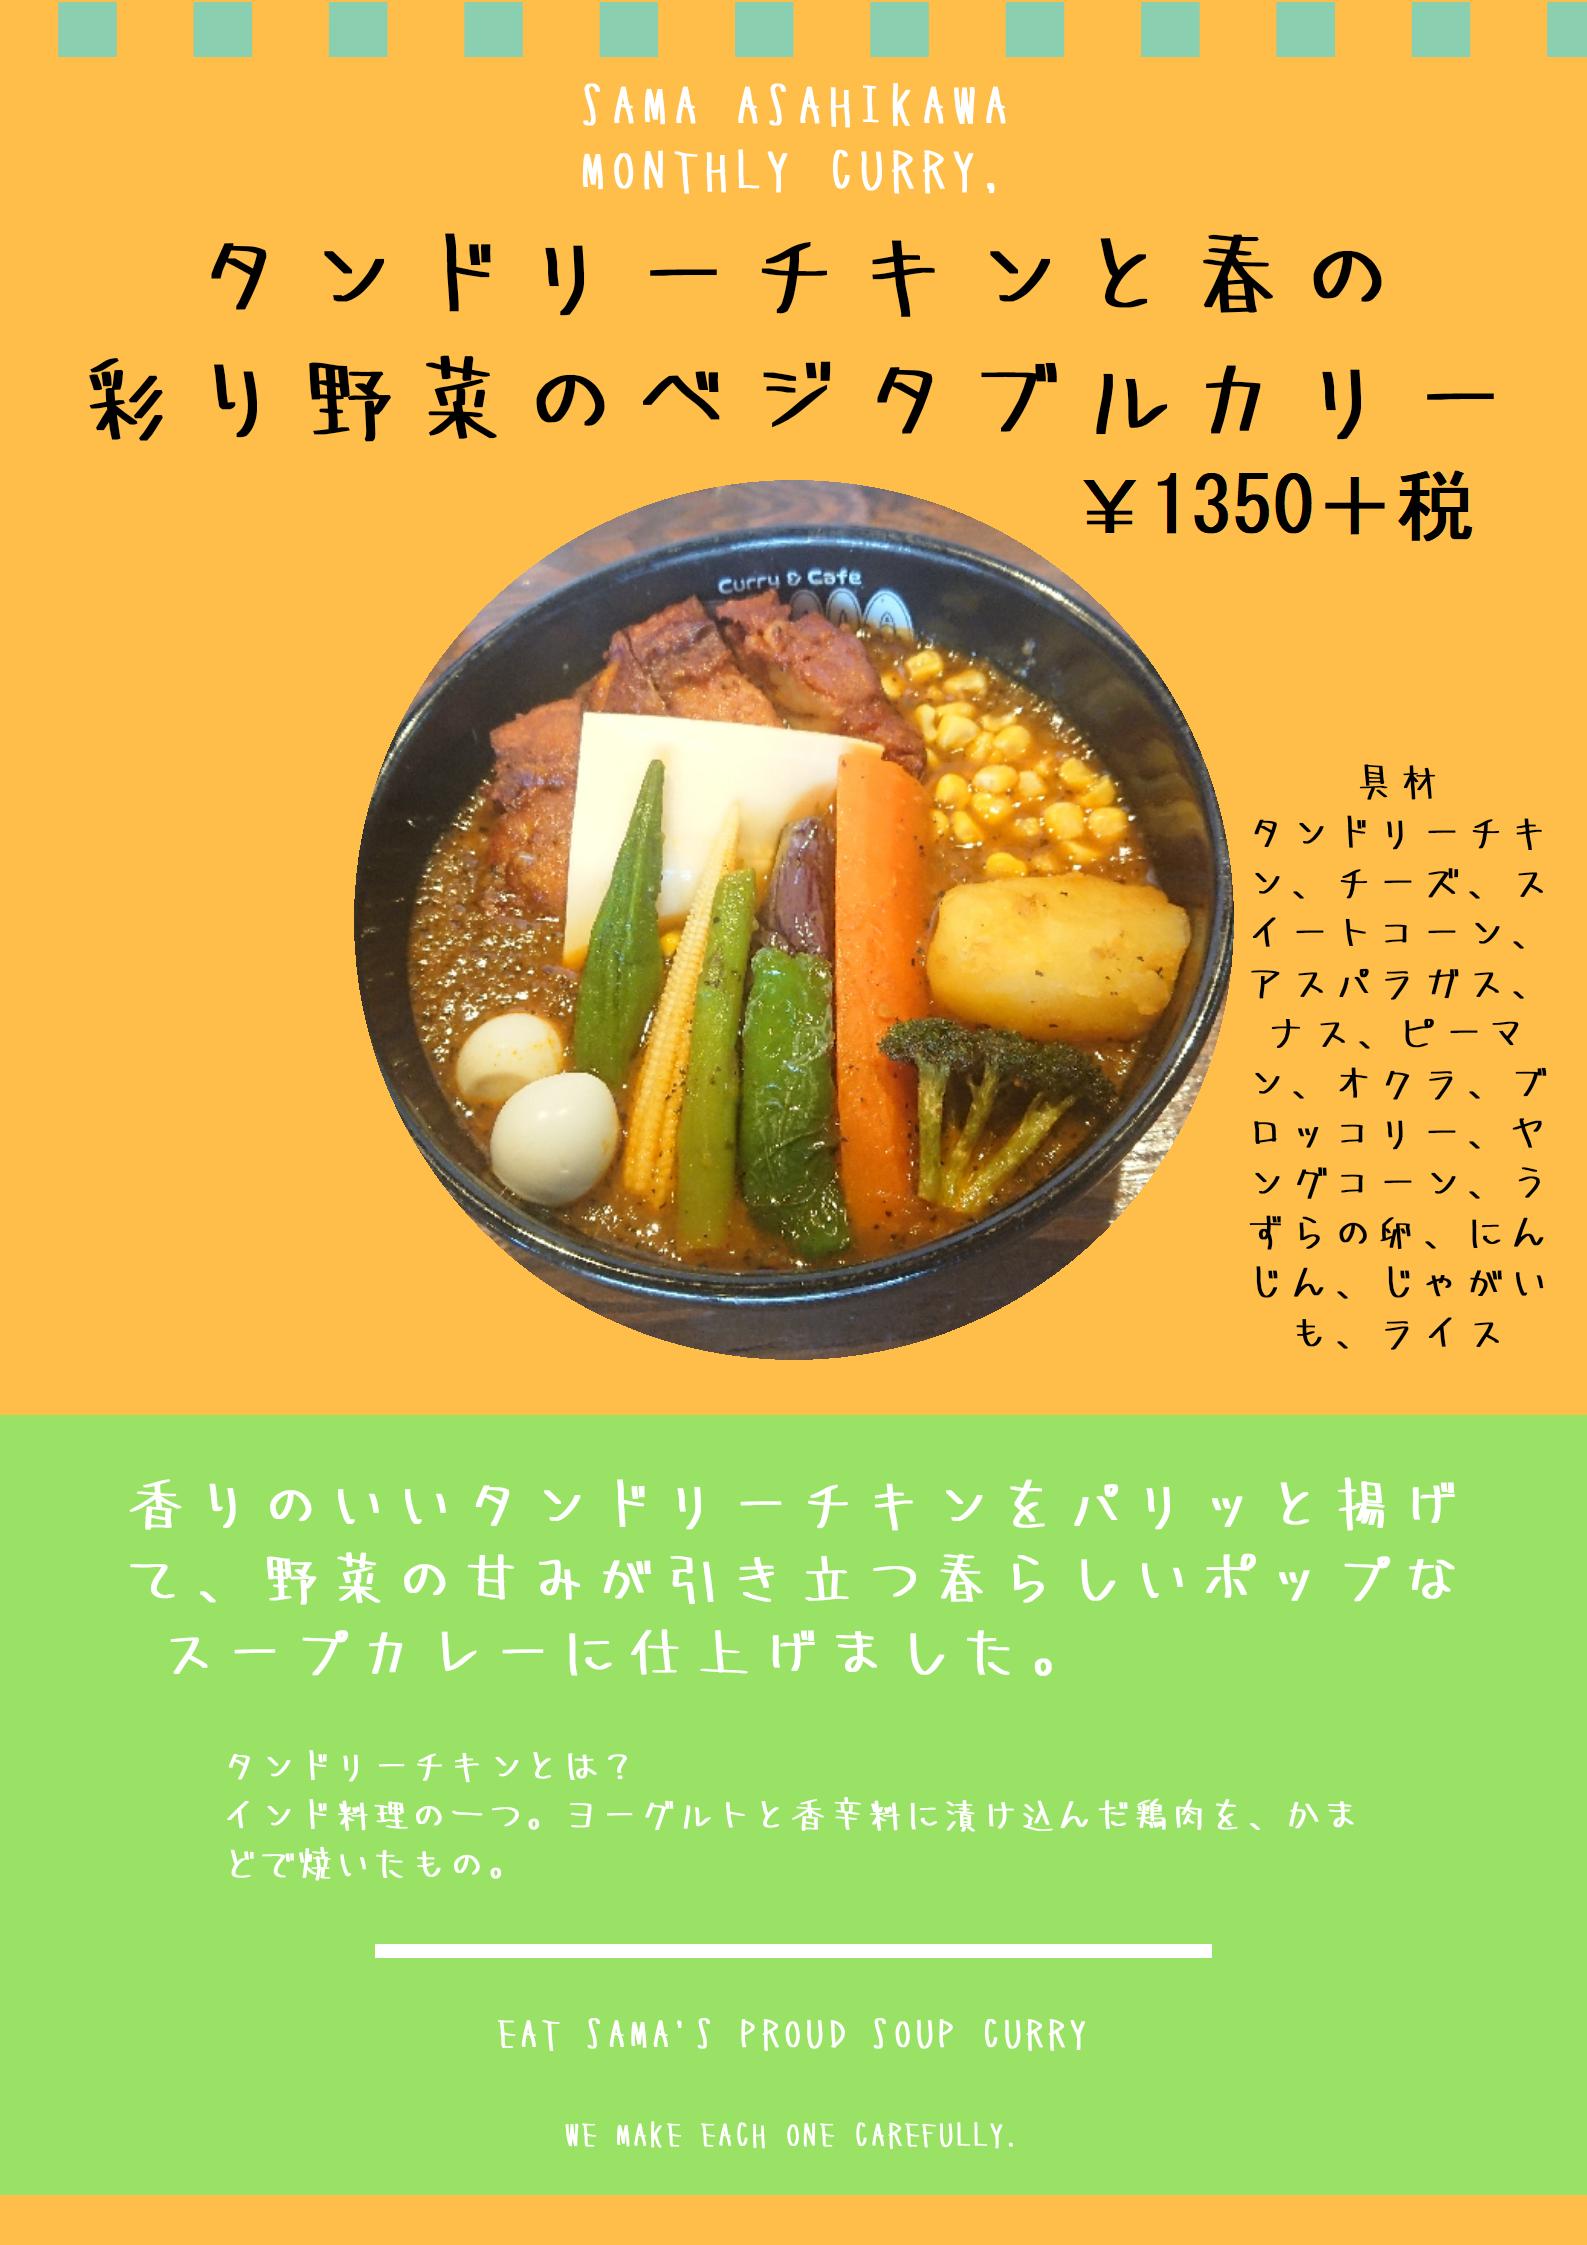 旭川店3月マンスリーカリー